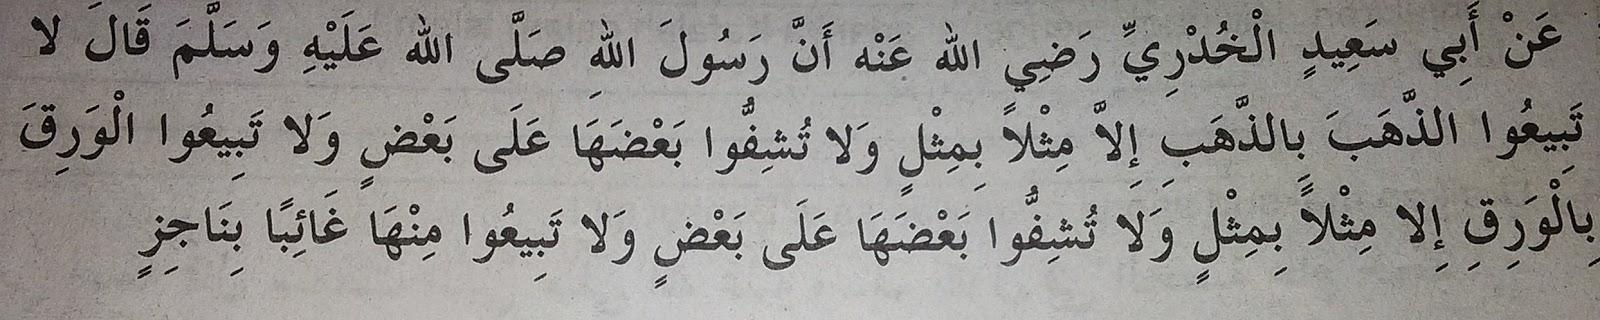 4 Macam Riba Menurut Agama Islam